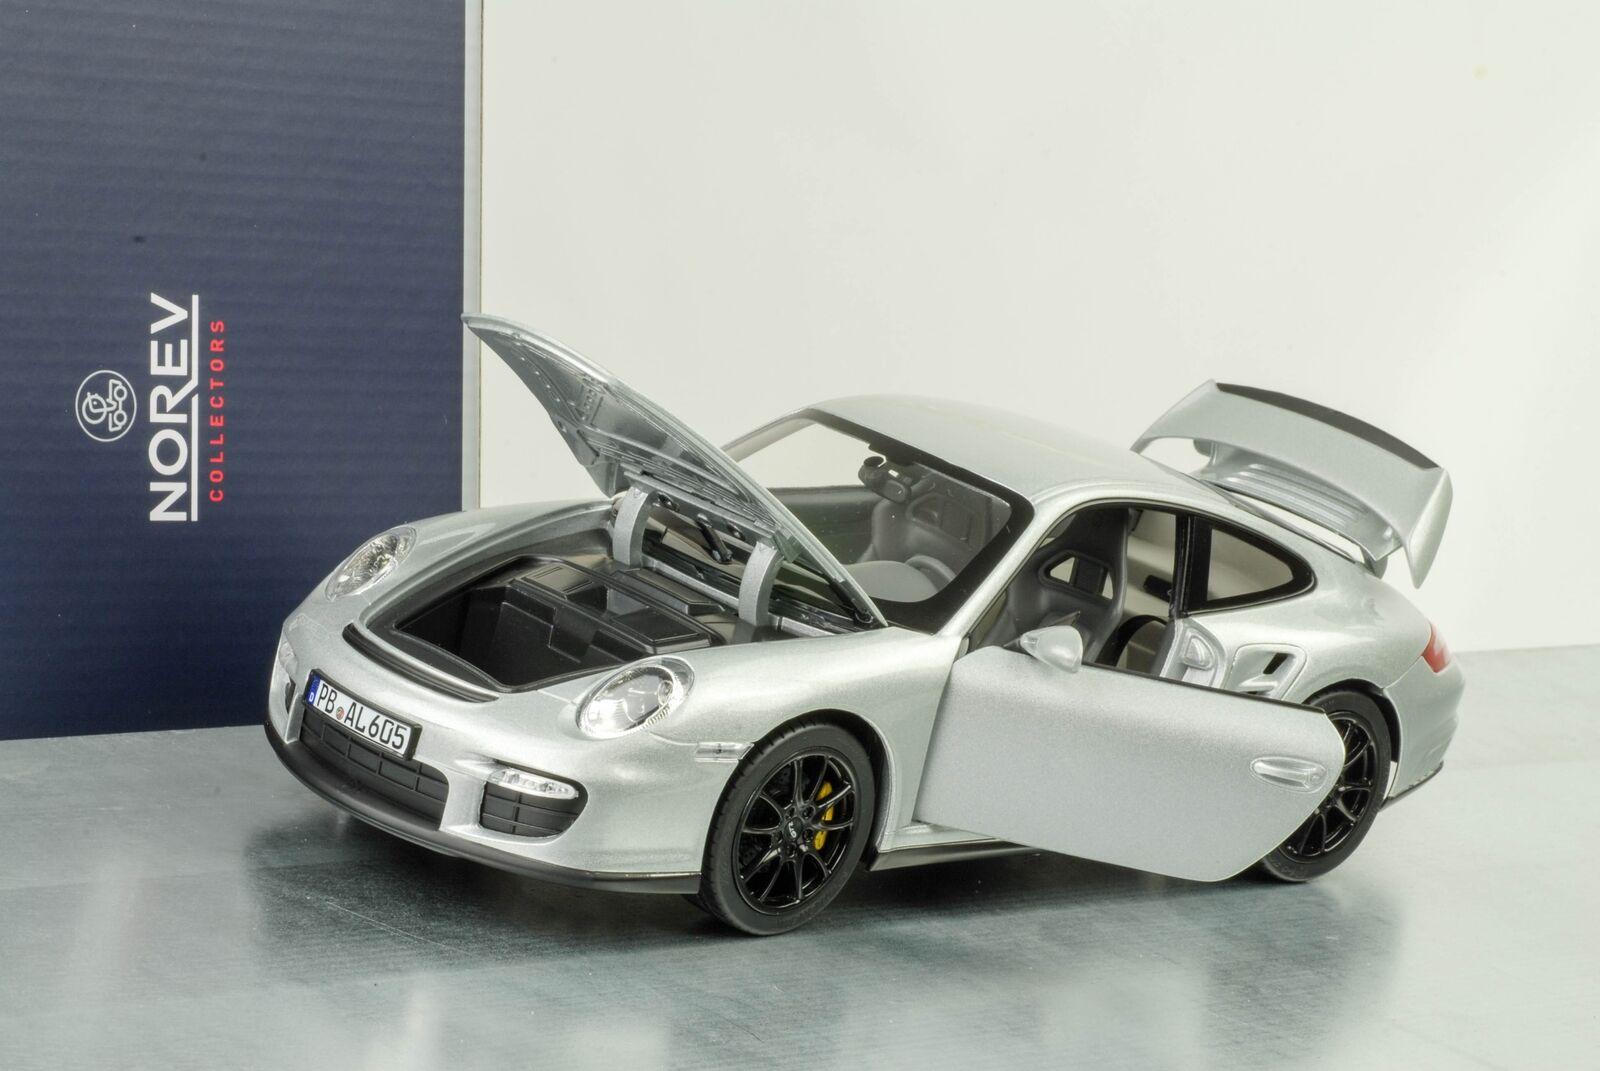 911 GT2 Porsche 997 GT2 argento Llantas nero 1 18 Norev 187594